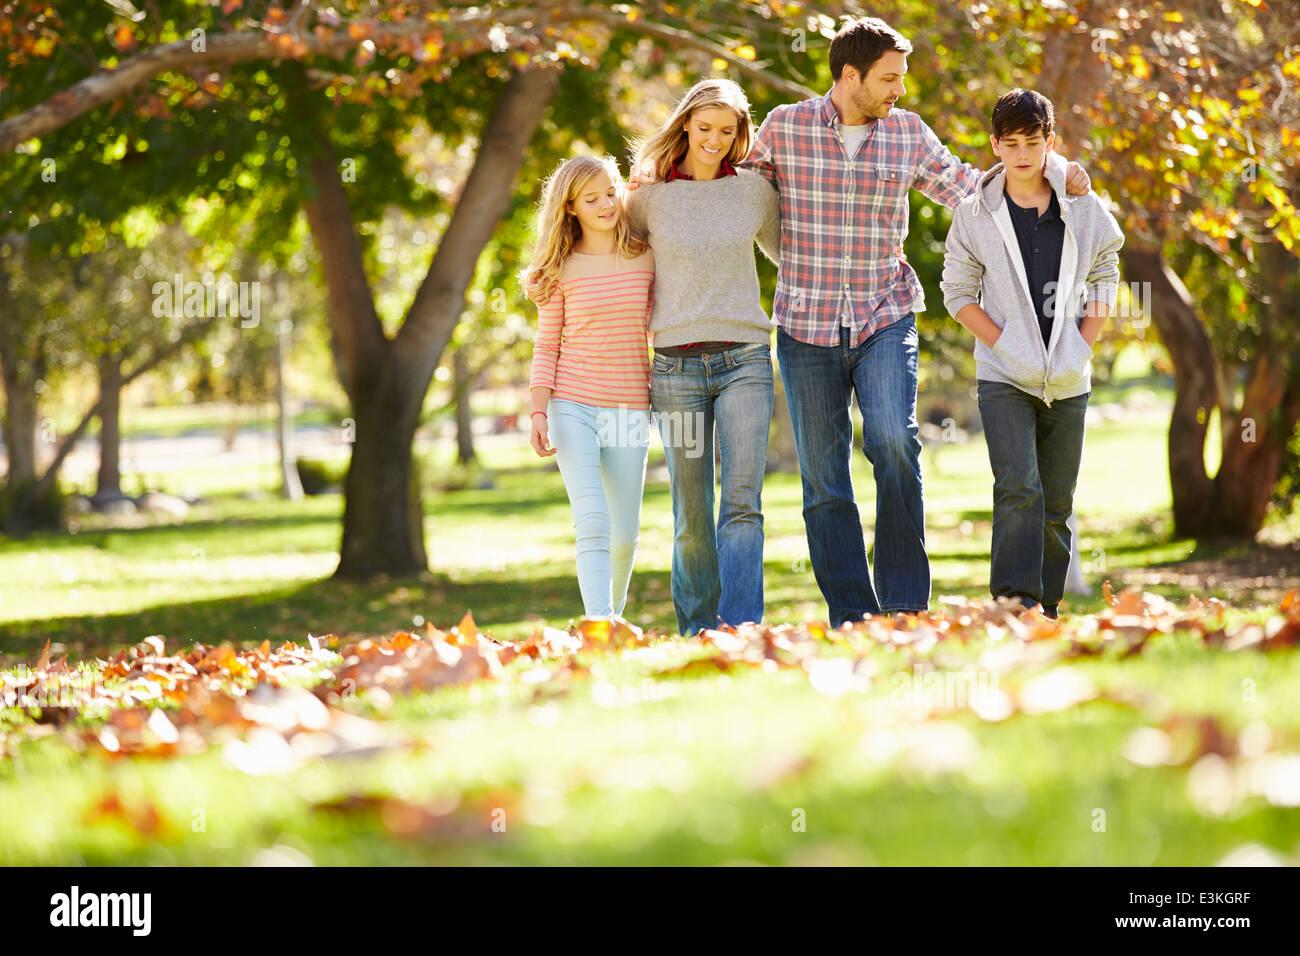 Famiglia passeggiate attraverso boschi di autunno Immagini Stock